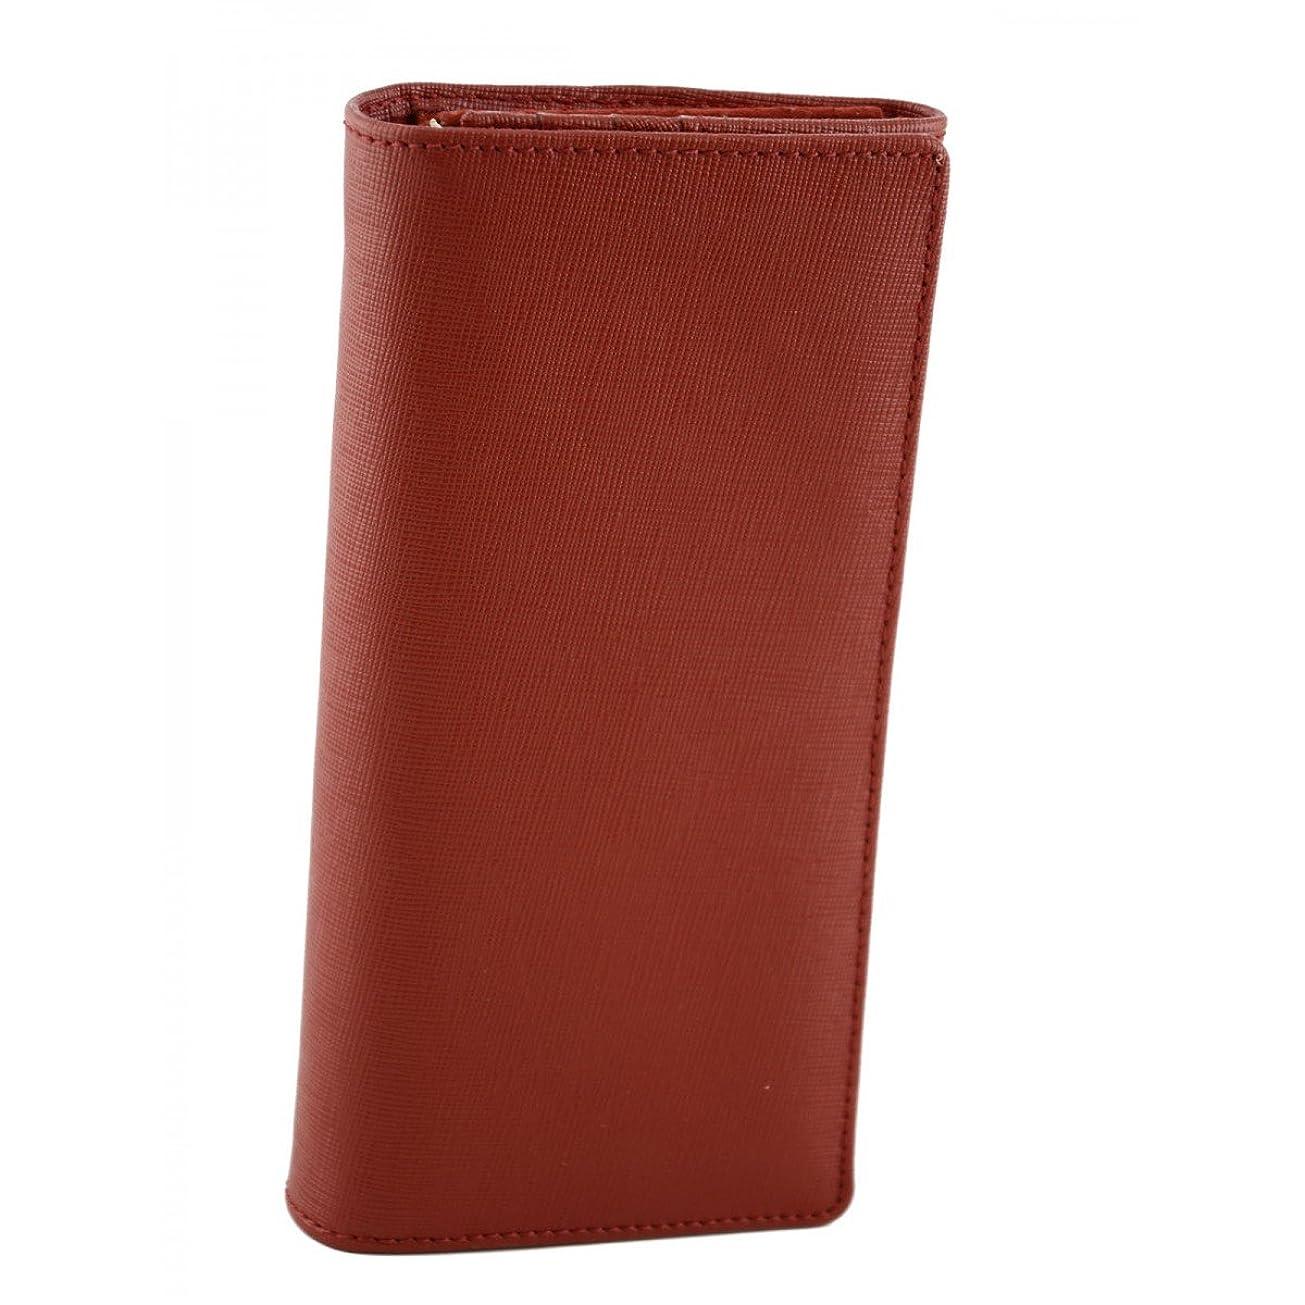 指標モバイル算術Made In Italy Saffiano Leather Woman Wallet Color Red - Accessories